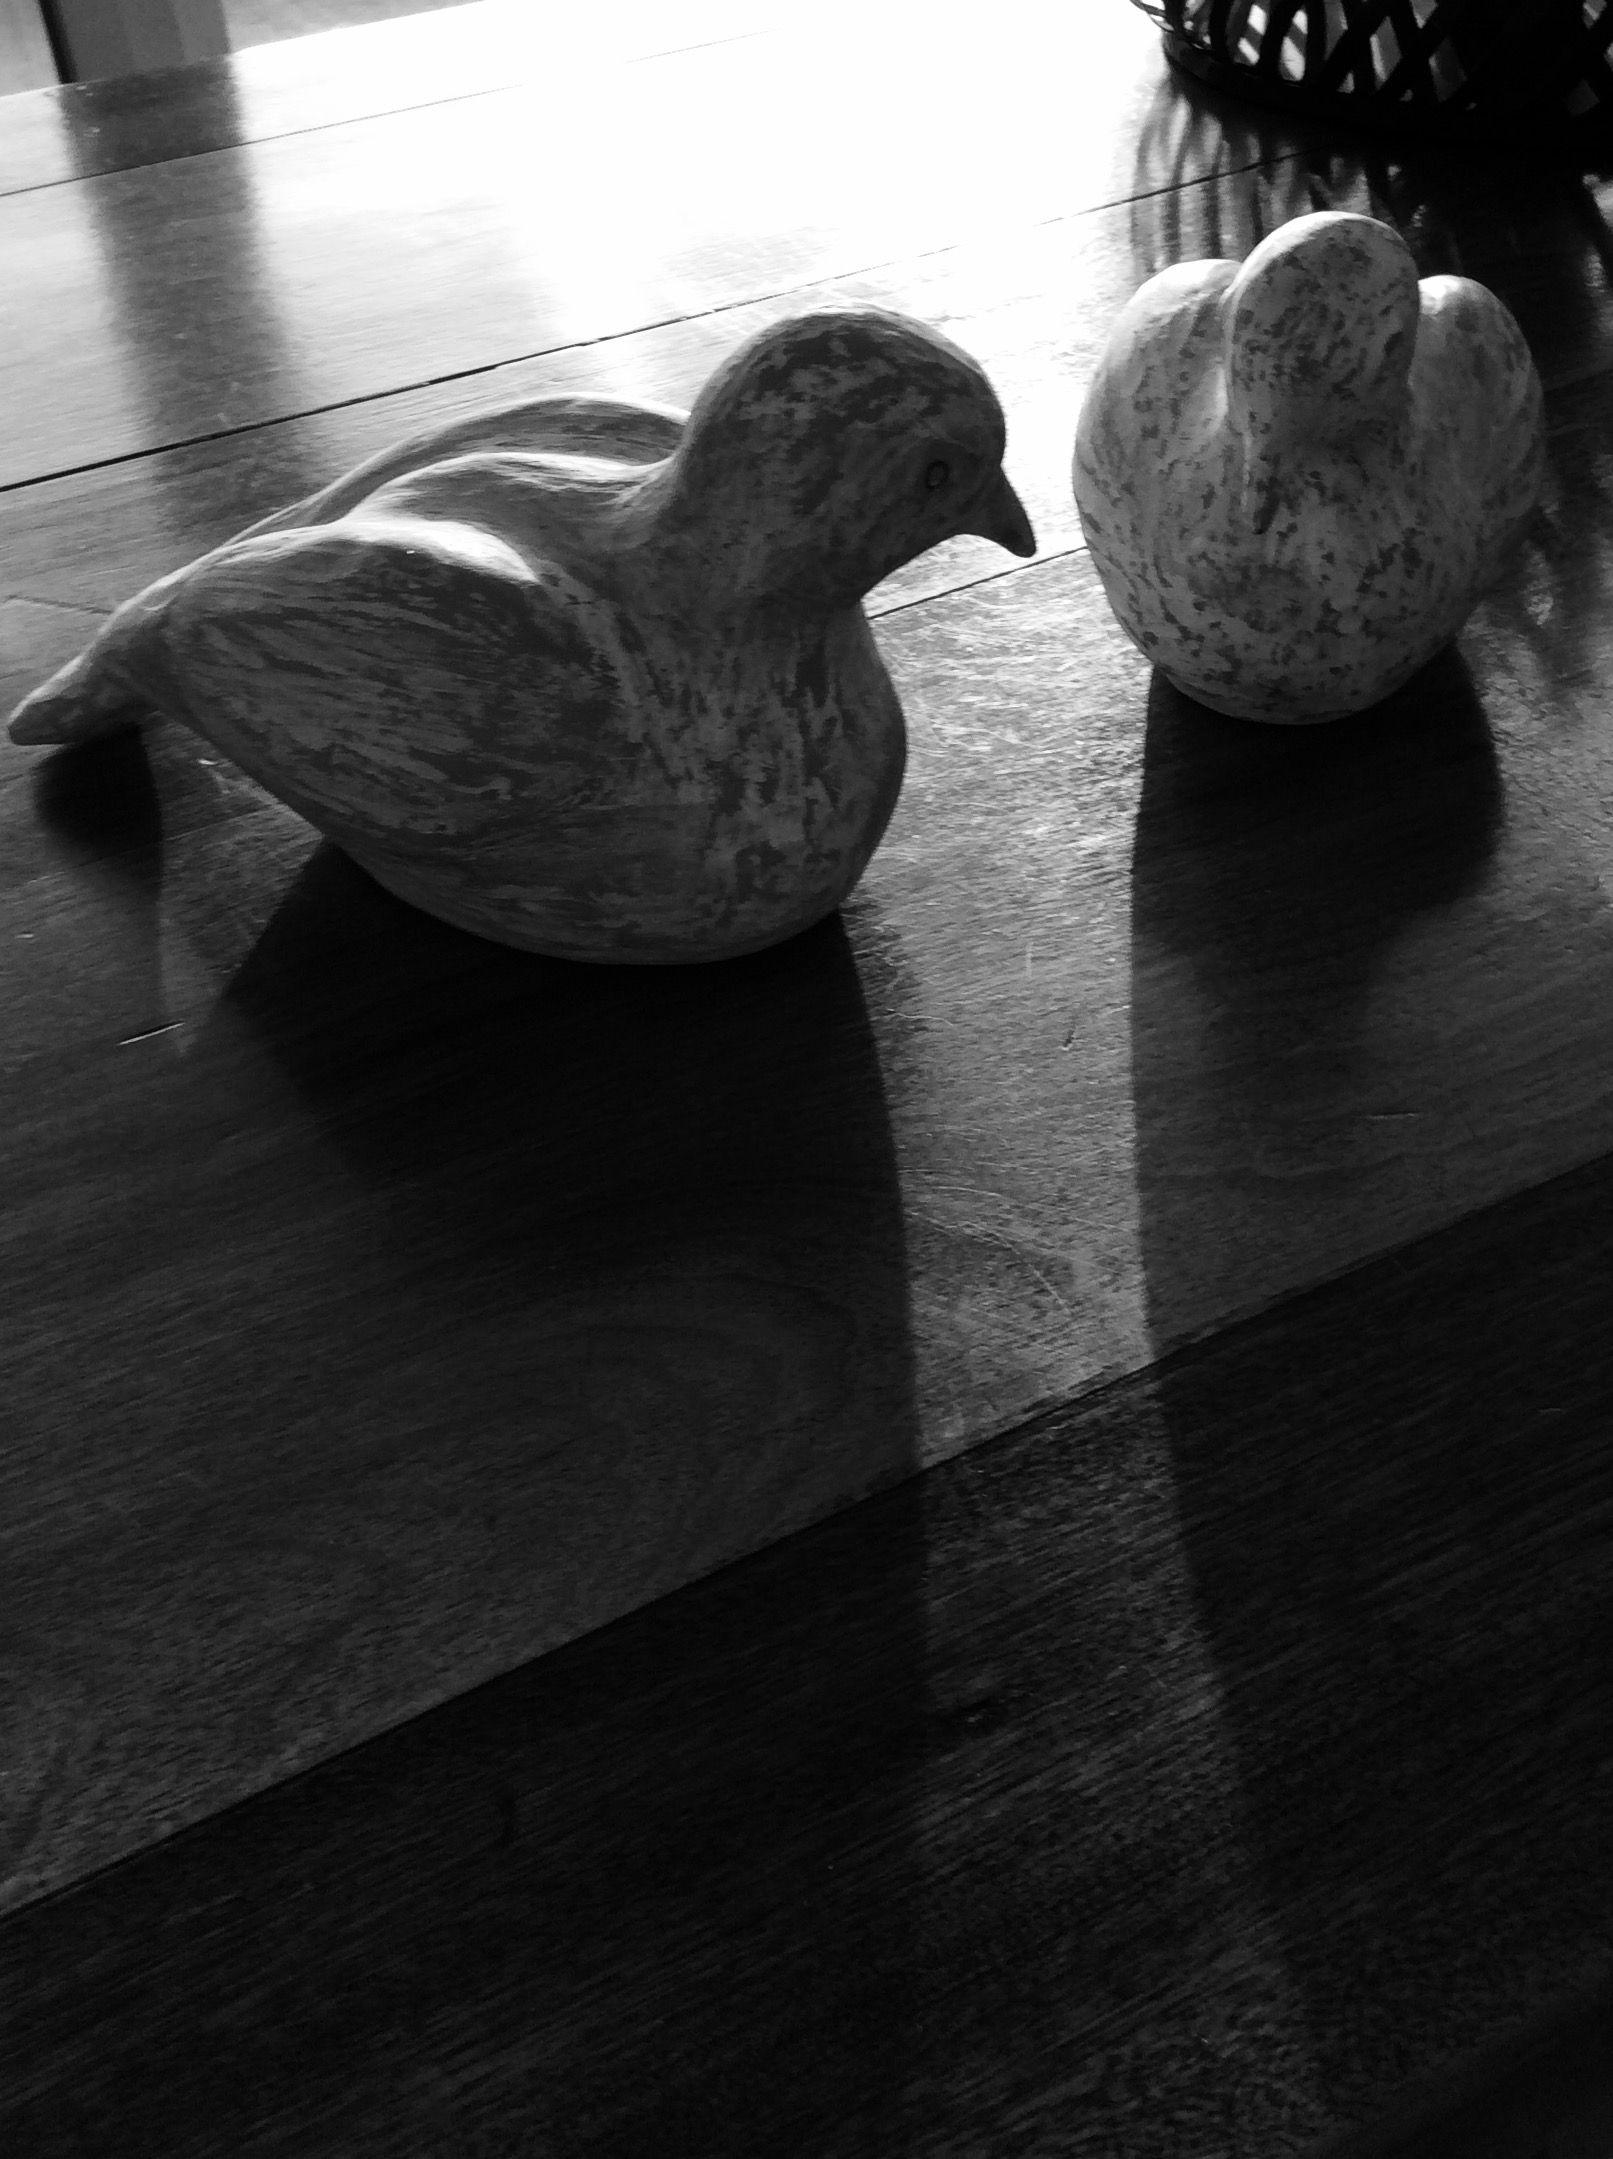 Somos da paz! - modelagem em argila.